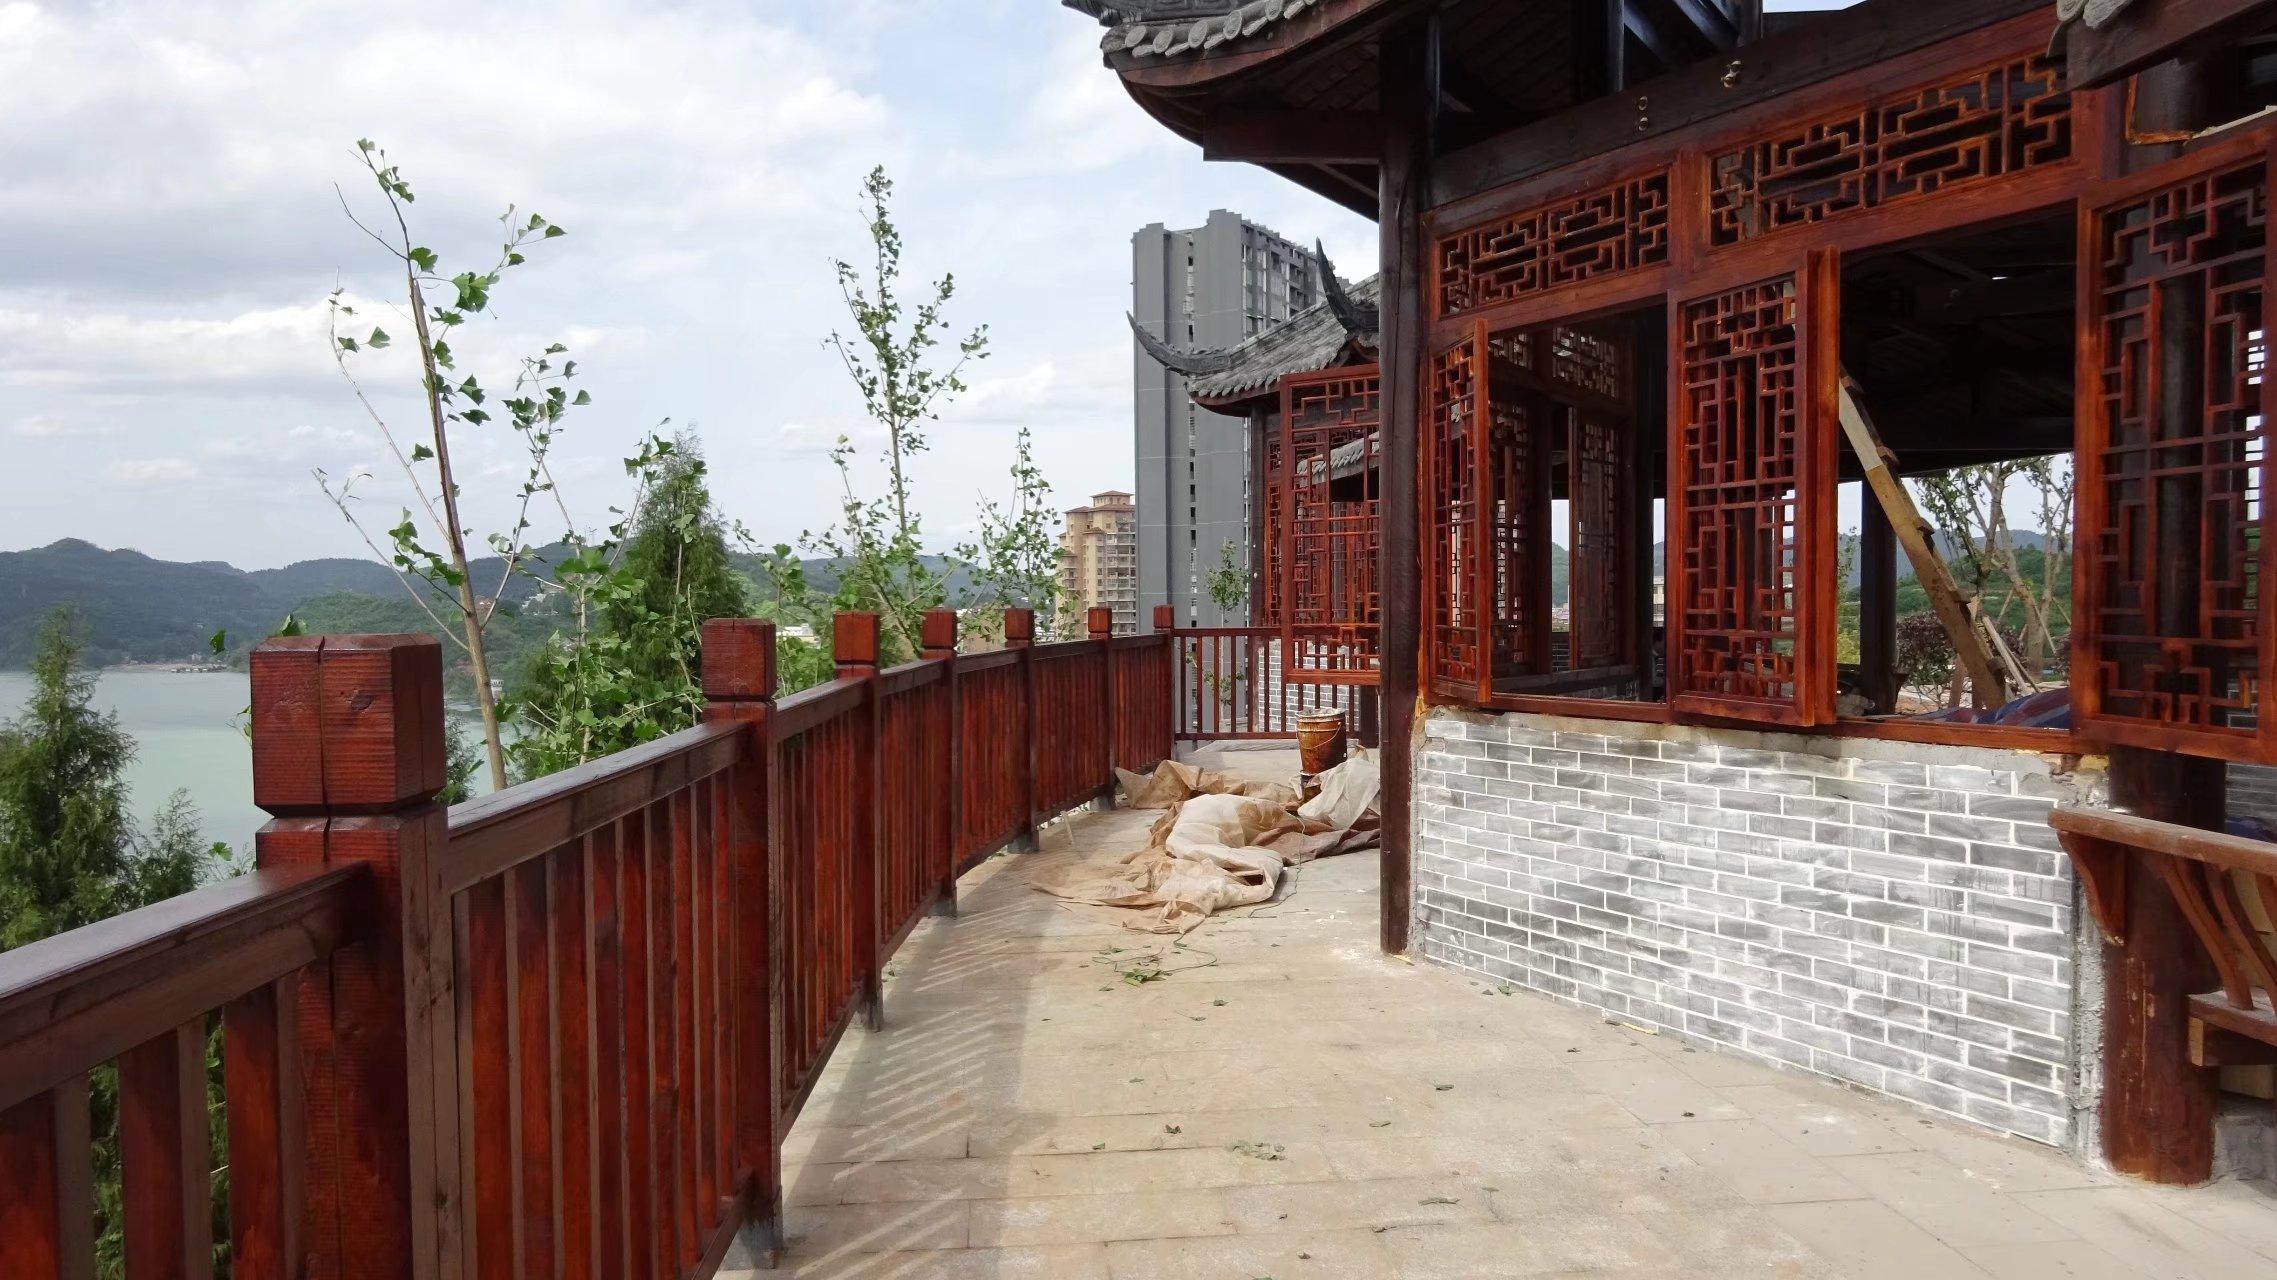 蓬安桑梓火锅公园施工进度(2018-05-10) - 第29张    蓬安在线